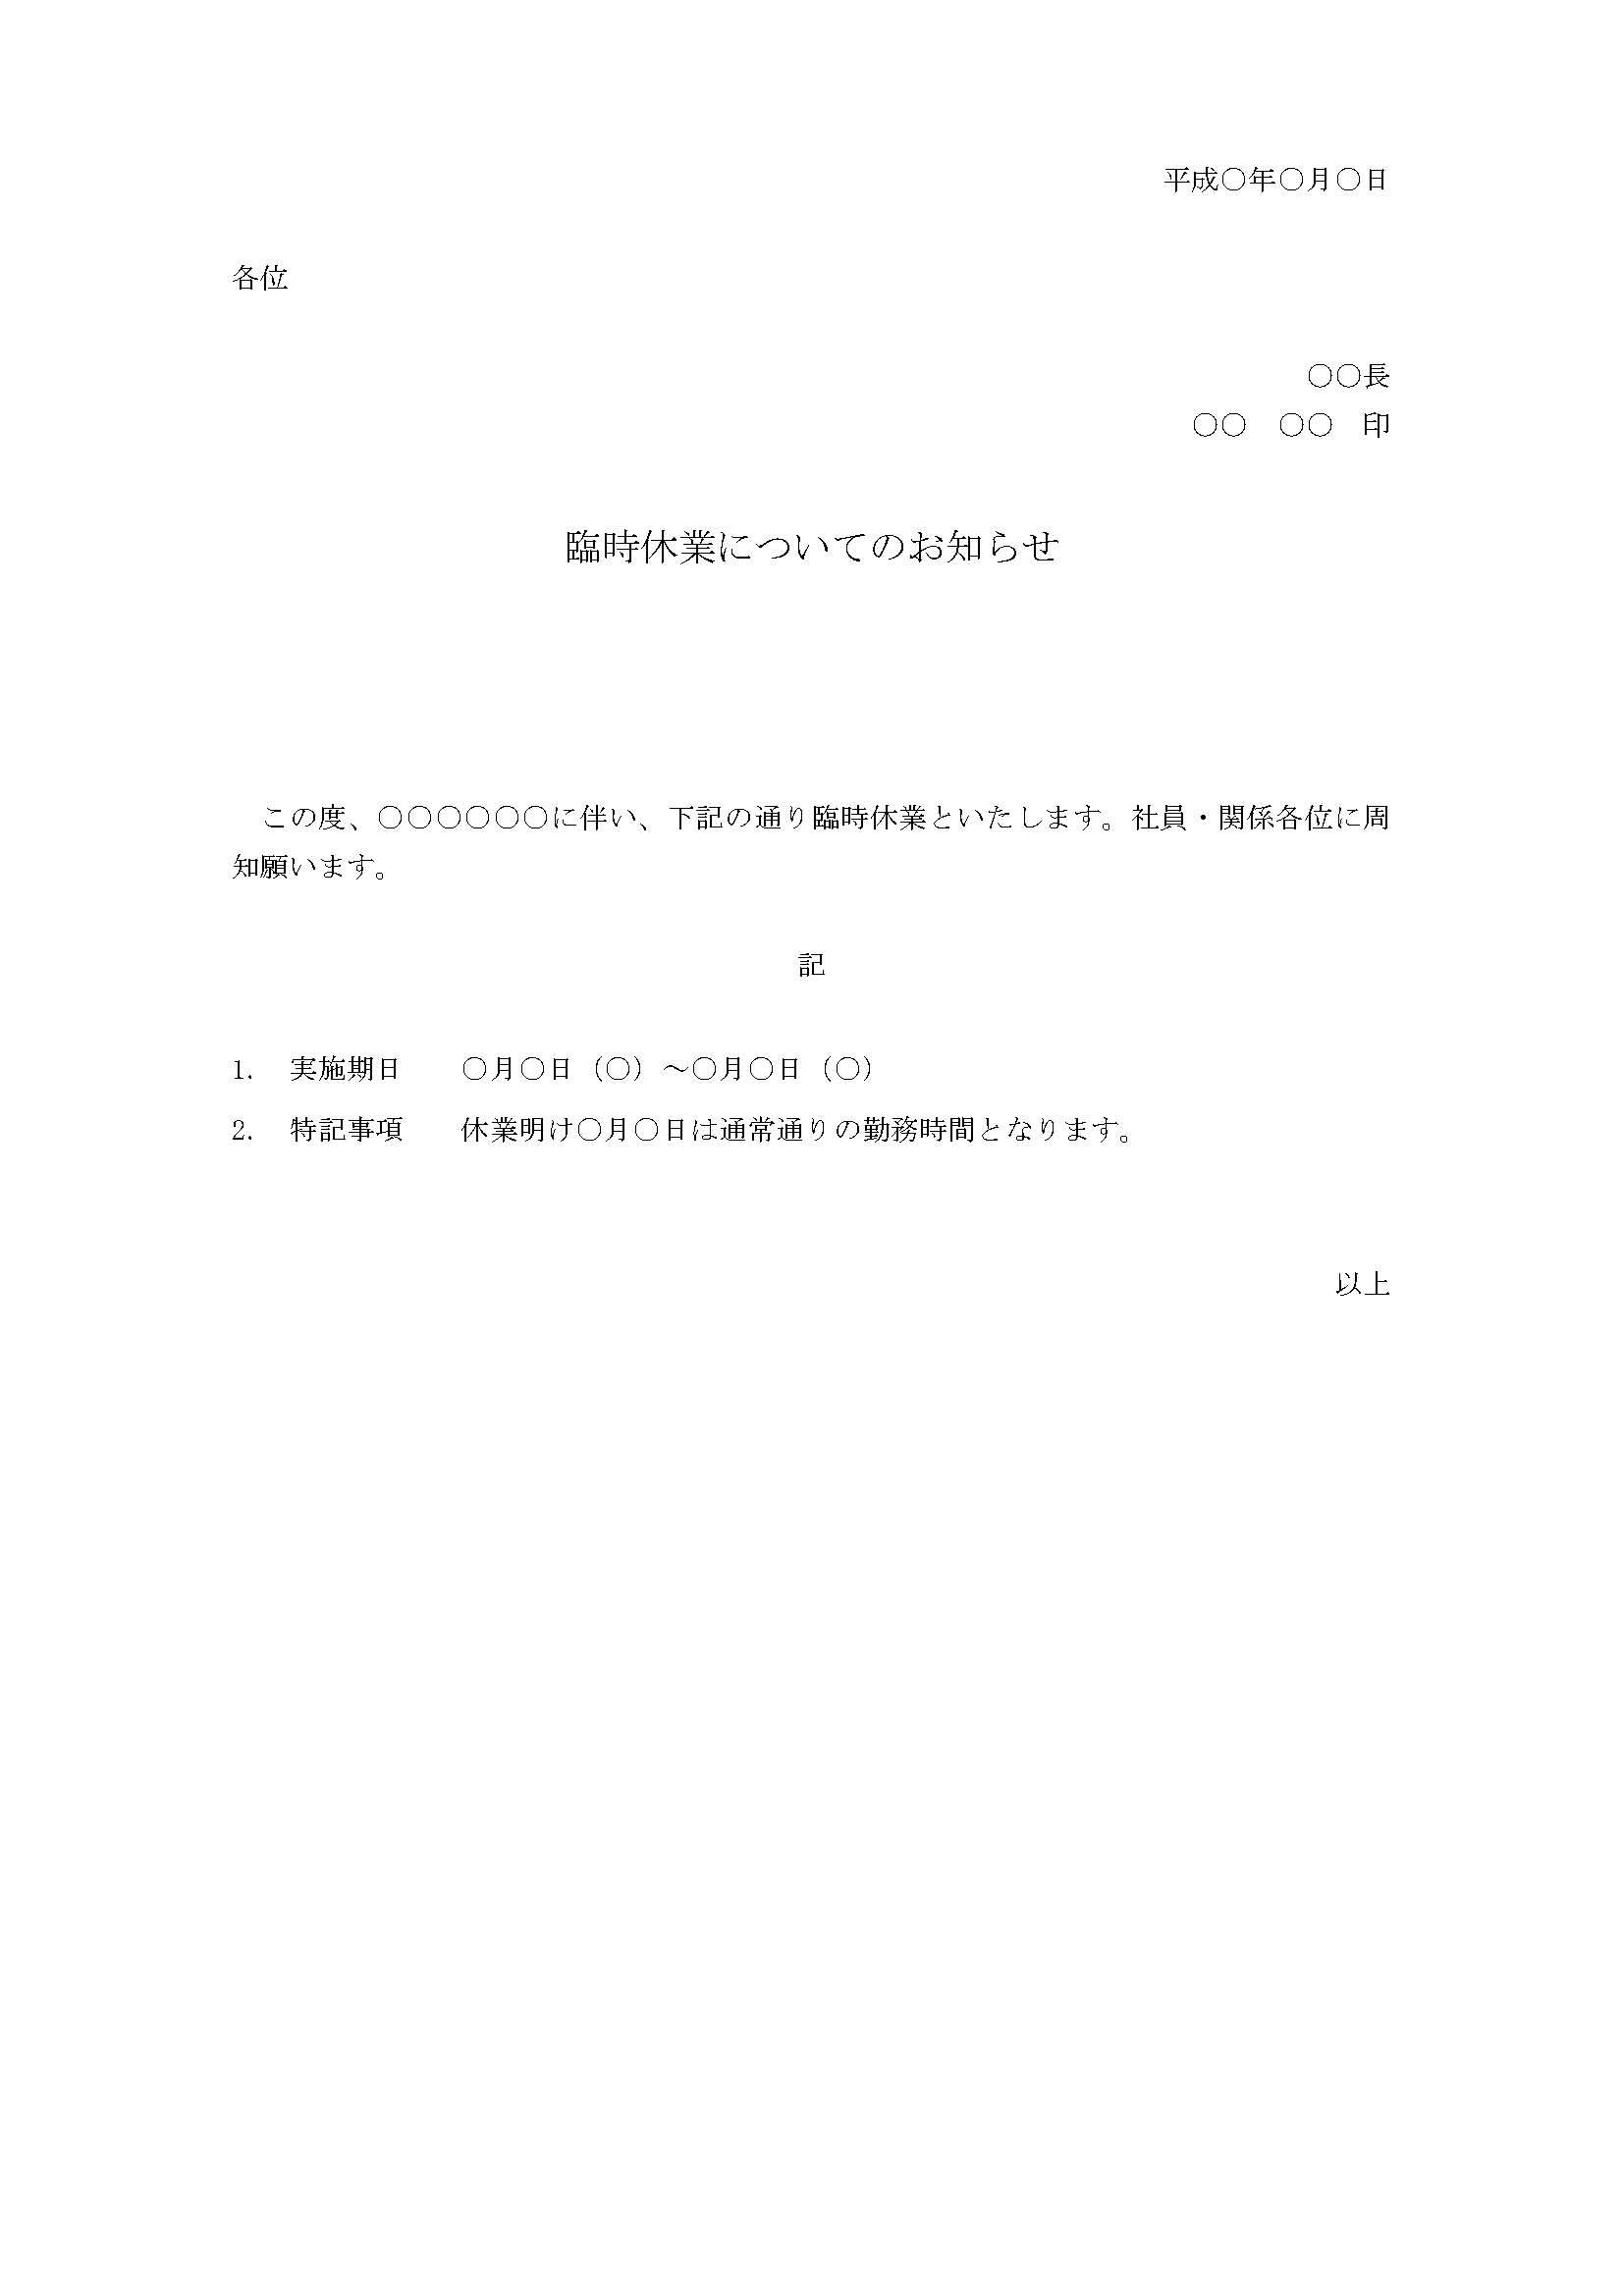 お知らせ(臨時休業)03